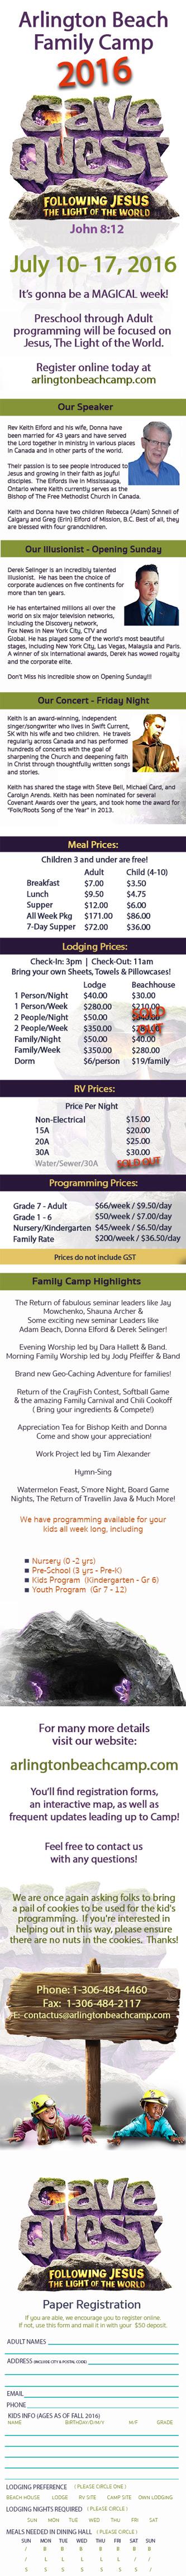 Arlington Beach Family Camp 2016